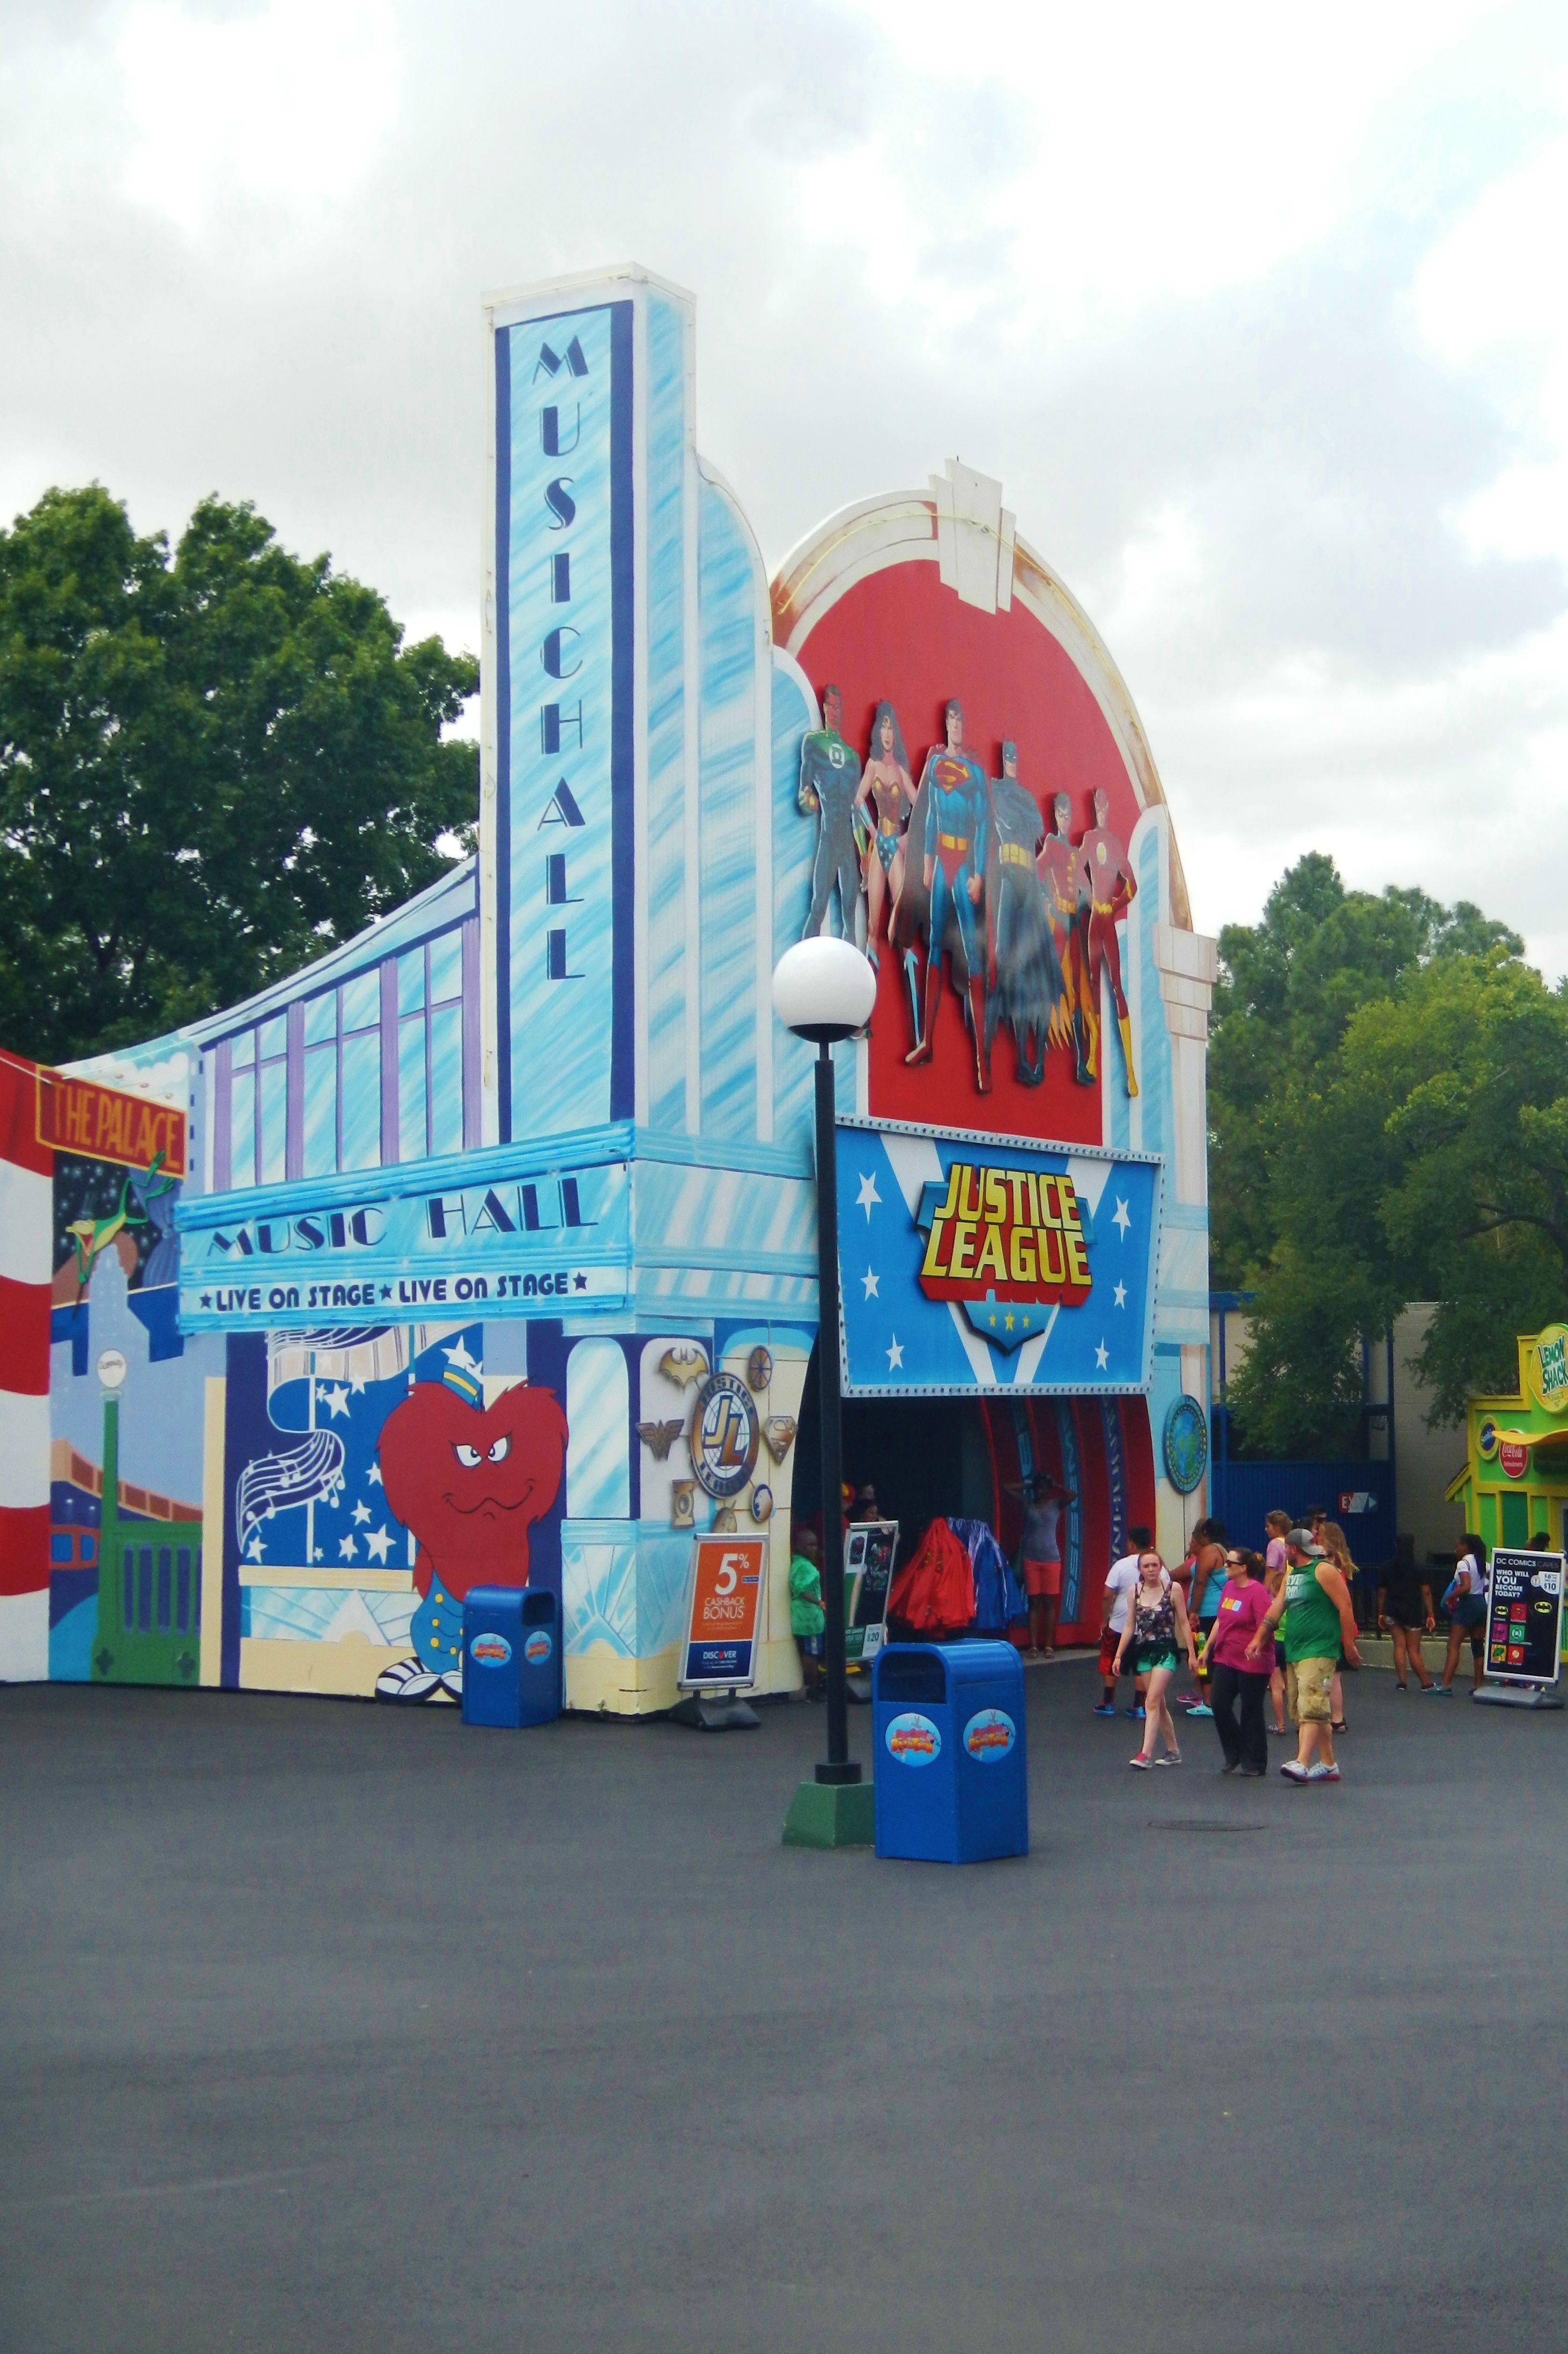 Sixflags Justiceleague Theme Park Six Flags